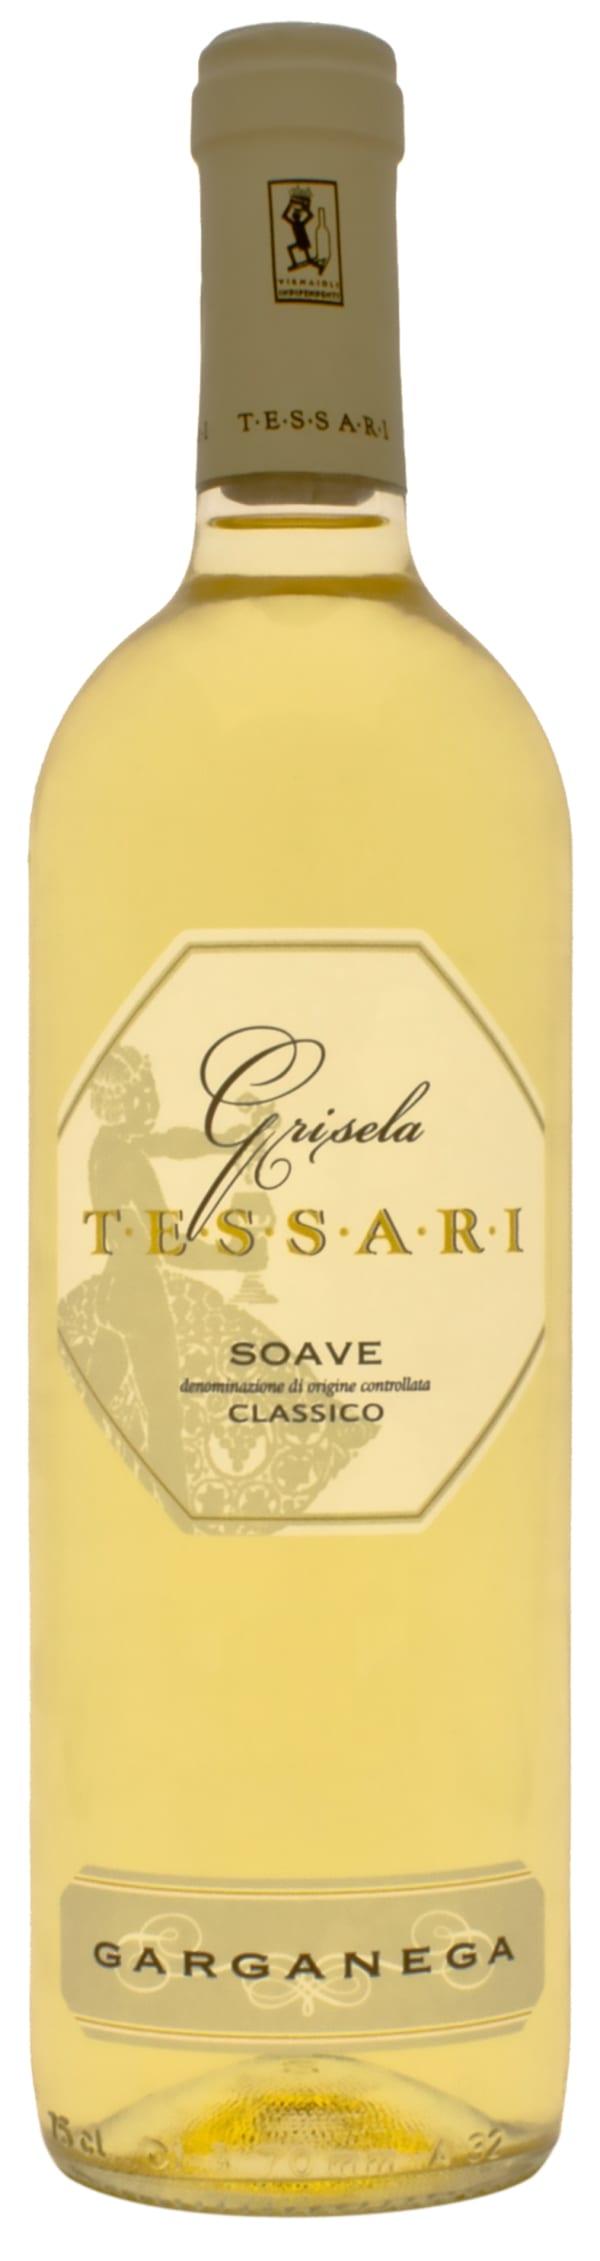 Tessari Grisela Soave Classico 2016